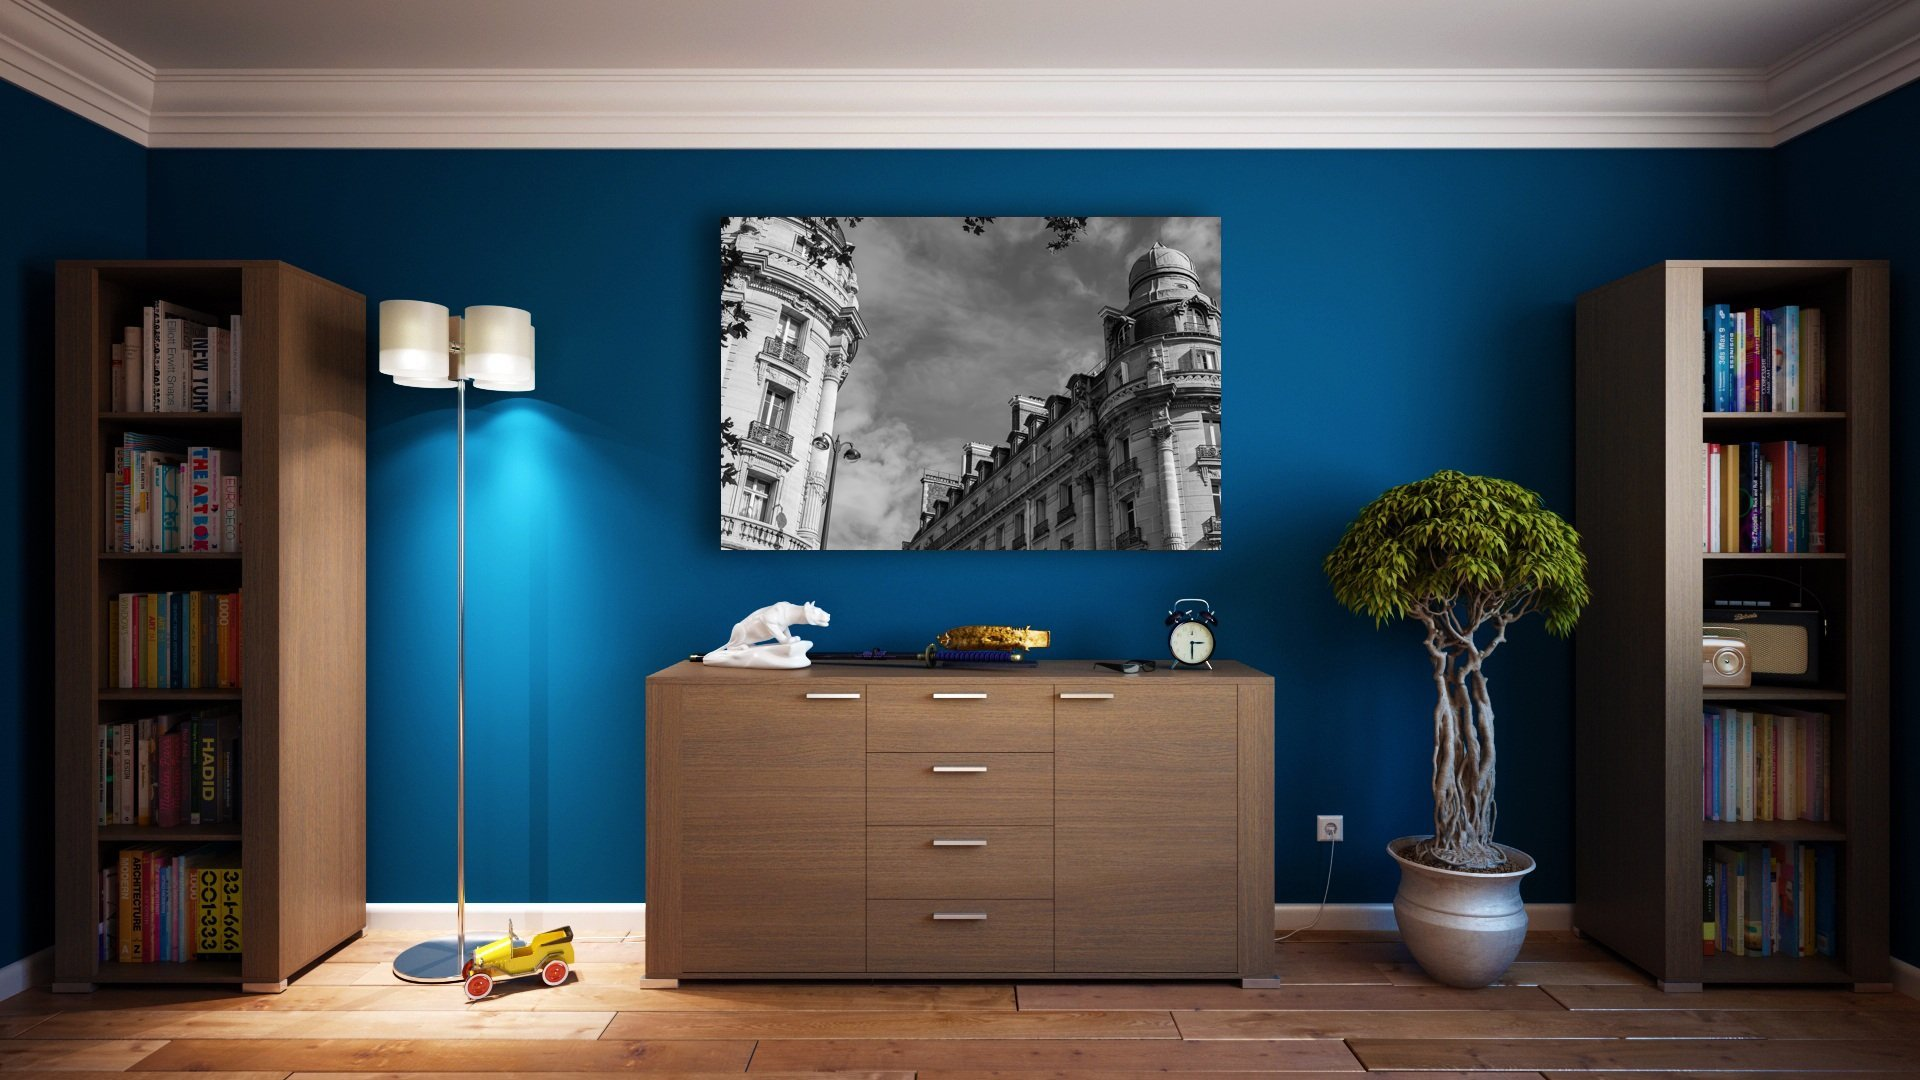 Ambiance chic et chaleureuse - Impression sur toile étirée Chic Parisien Photo-to-go